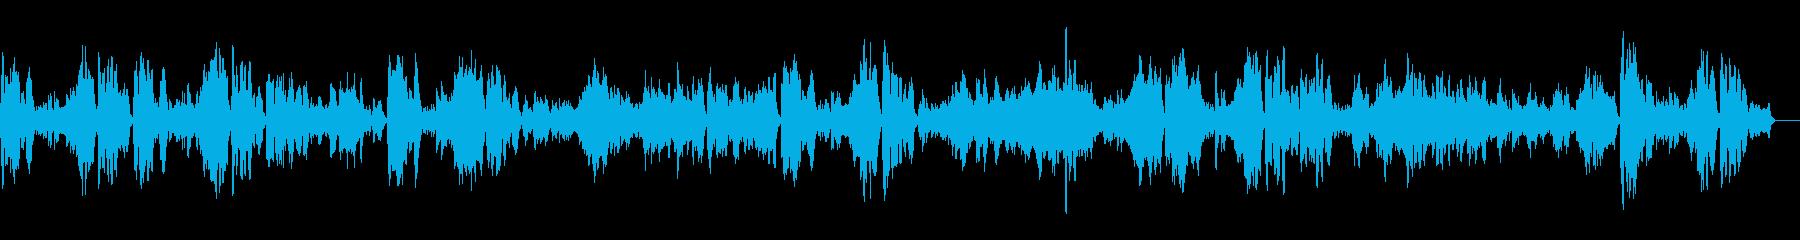 生演奏バイオリンでバッハのガボットの再生済みの波形